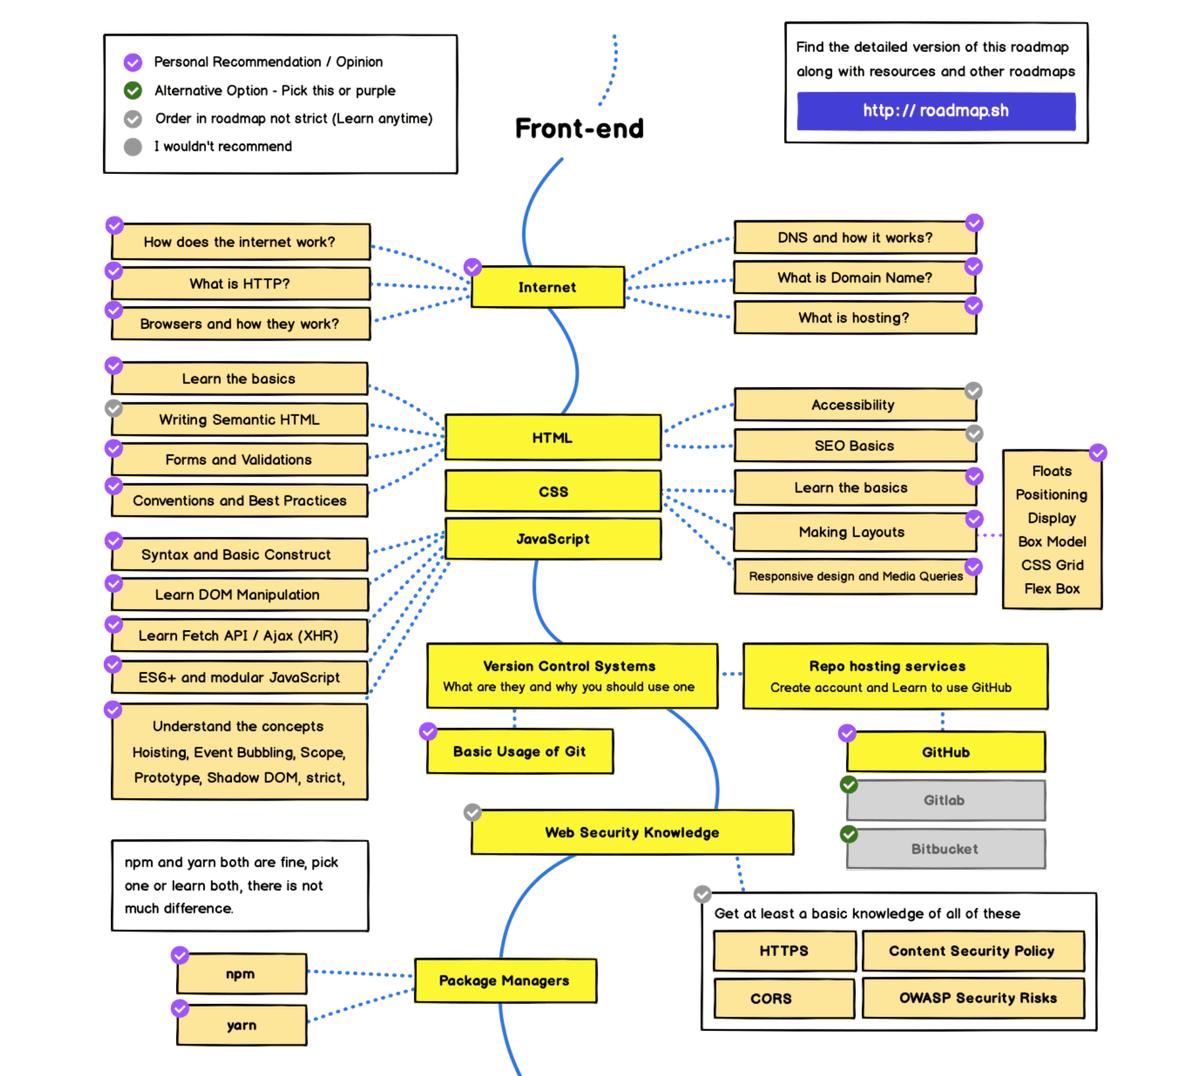 Навыки и инструменты, которые осваивает веб-разработчик в ходе своей карьеры. И это только начало — вот полная версия